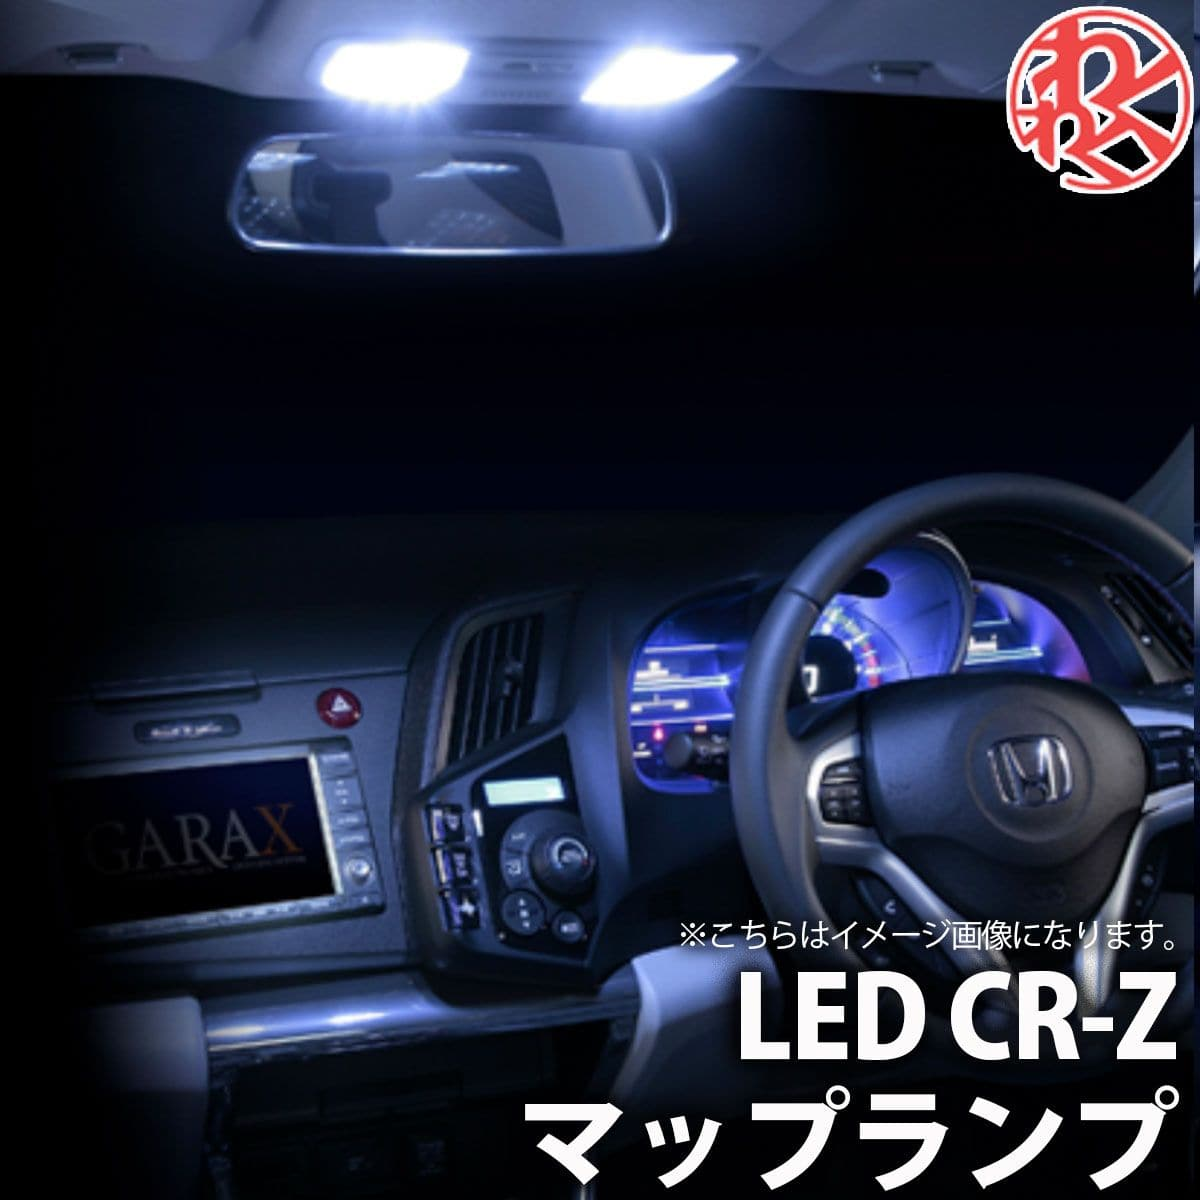 アウトレット品 GARAX 全店販売中 贈与 ギャラクス K-SPEC フロントマップランプ LED CR-Z ZF1